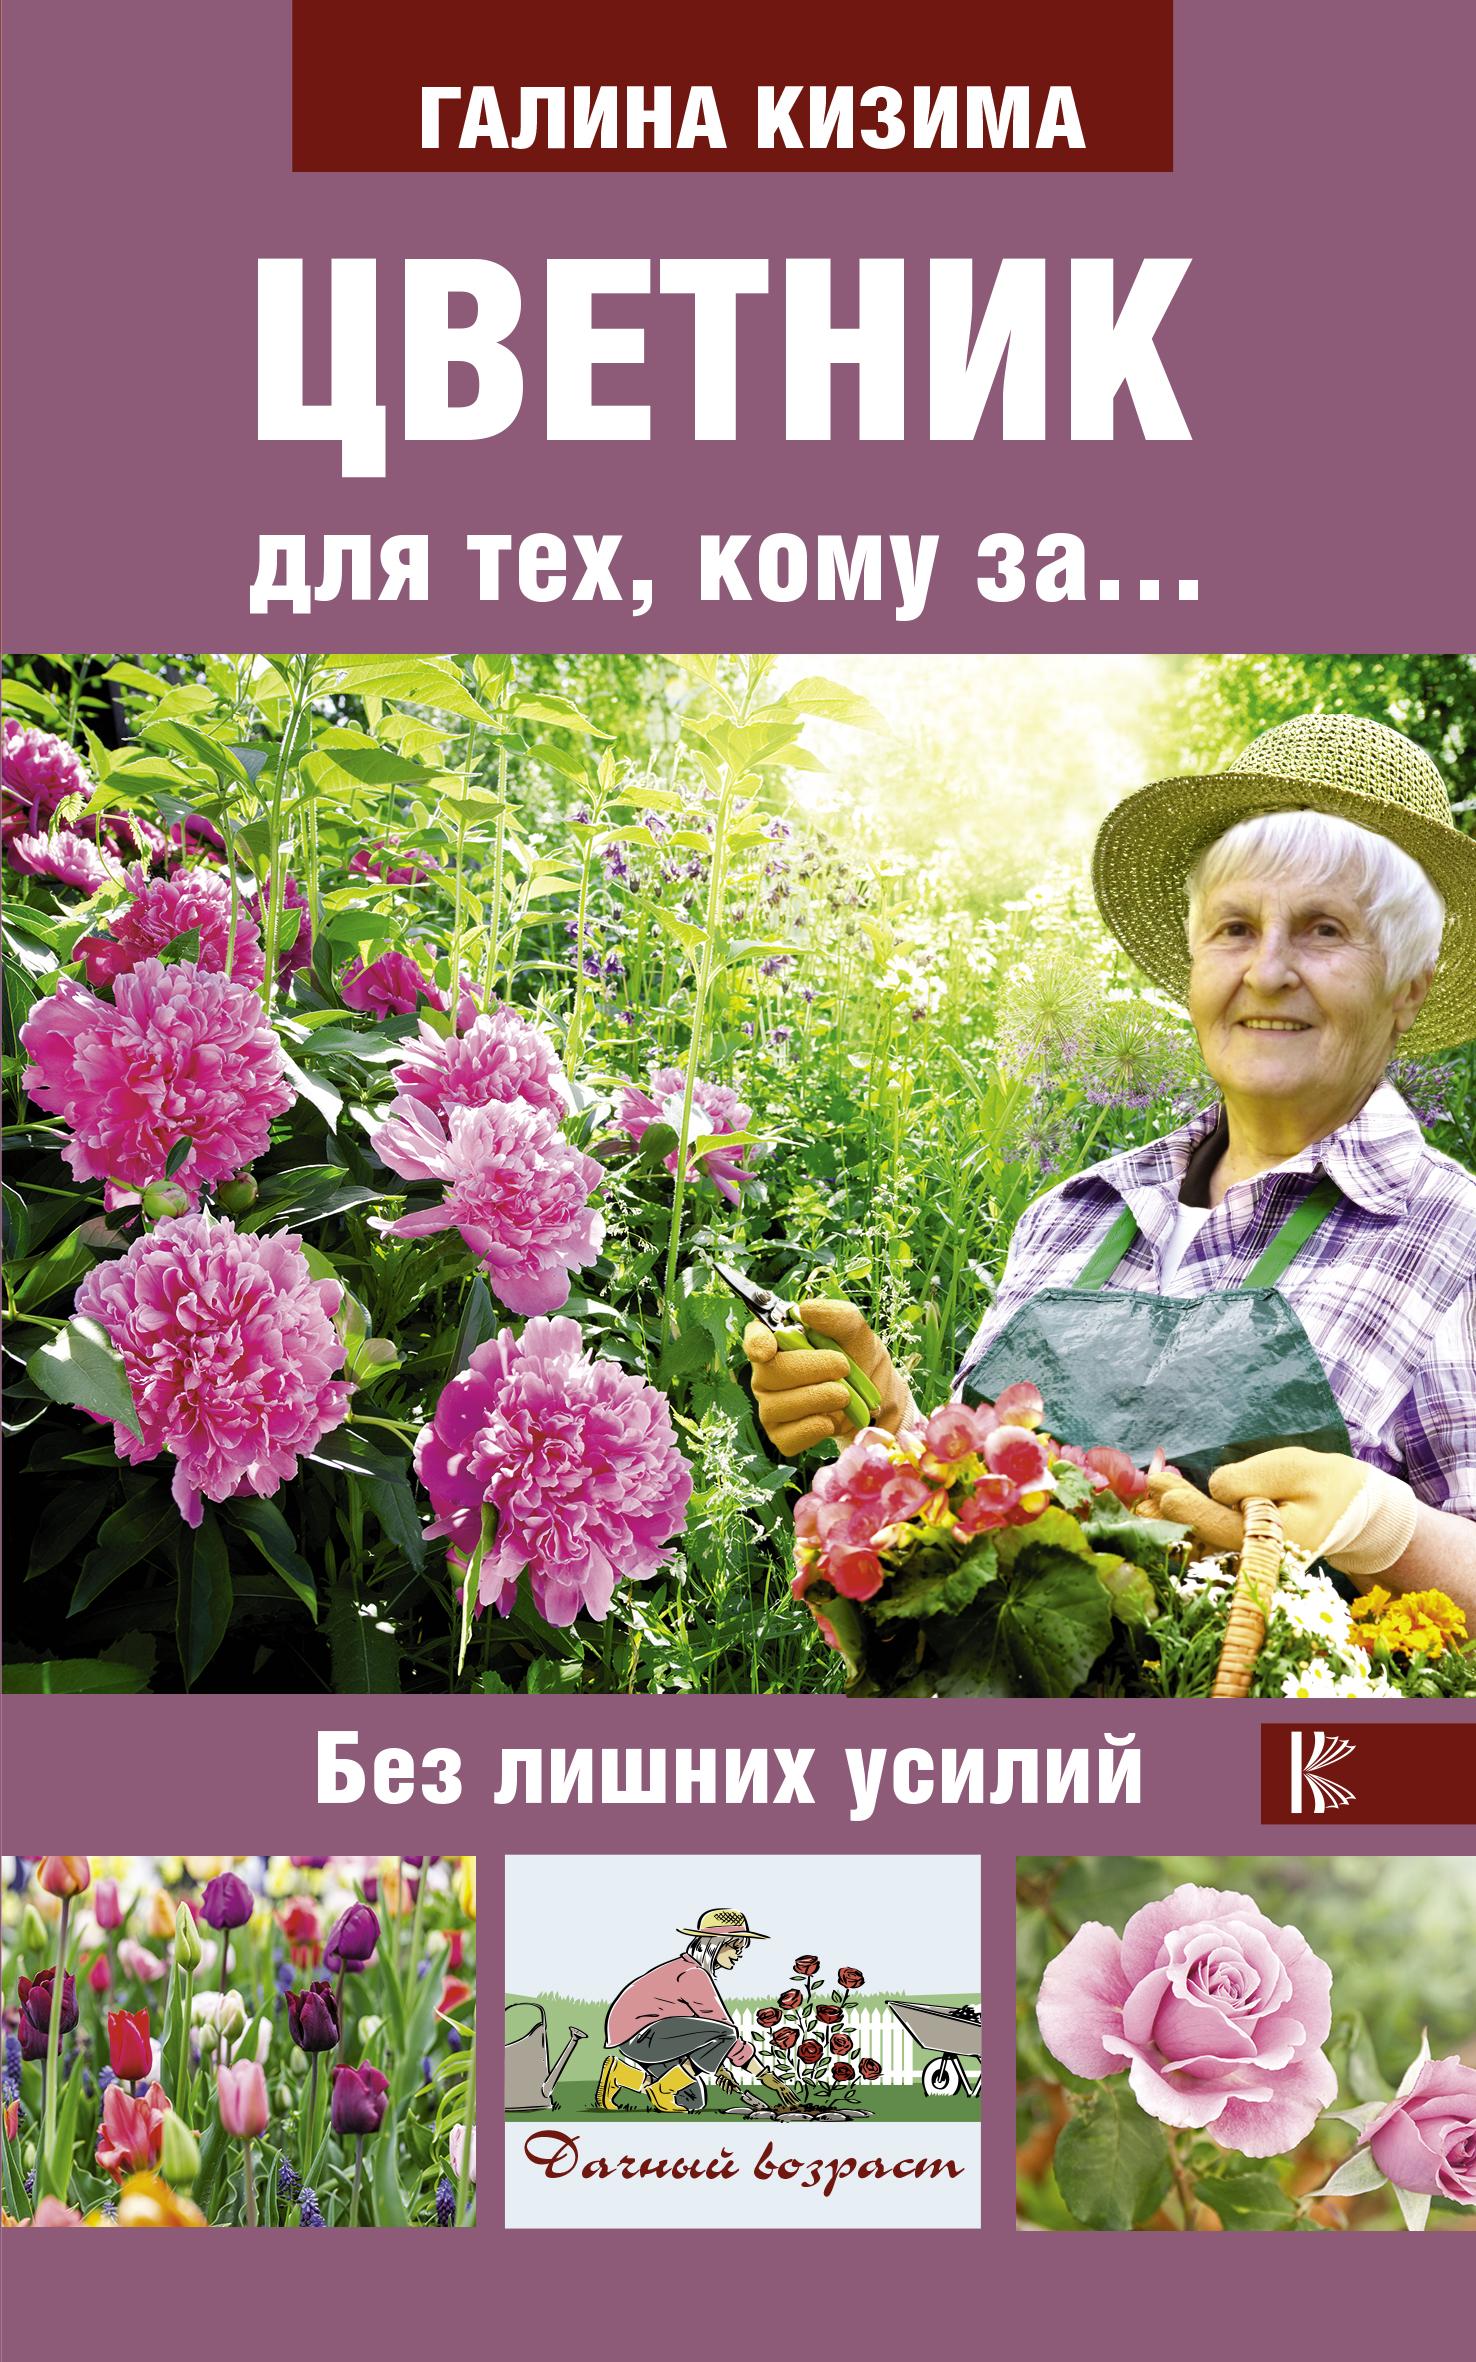 Цветник для тех, кому за... без лишних усилий